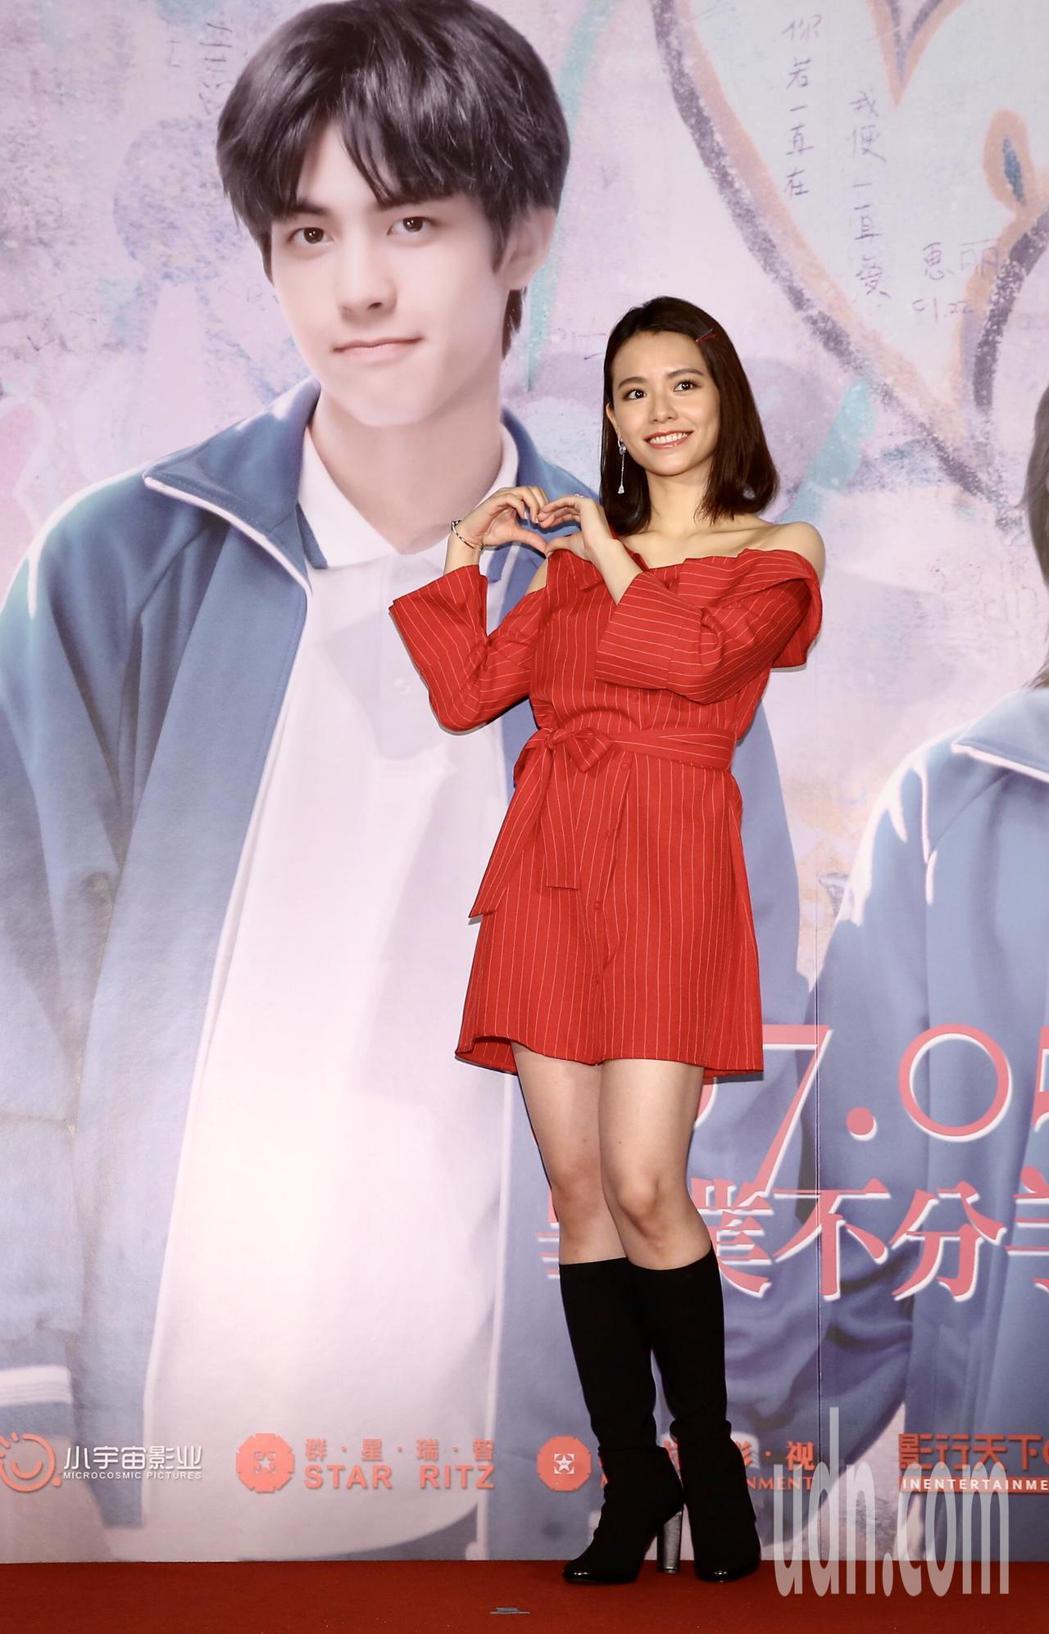 宋芸樺晚上出席「我的青春都是你」電影首映會記者徐兆玄/摄影